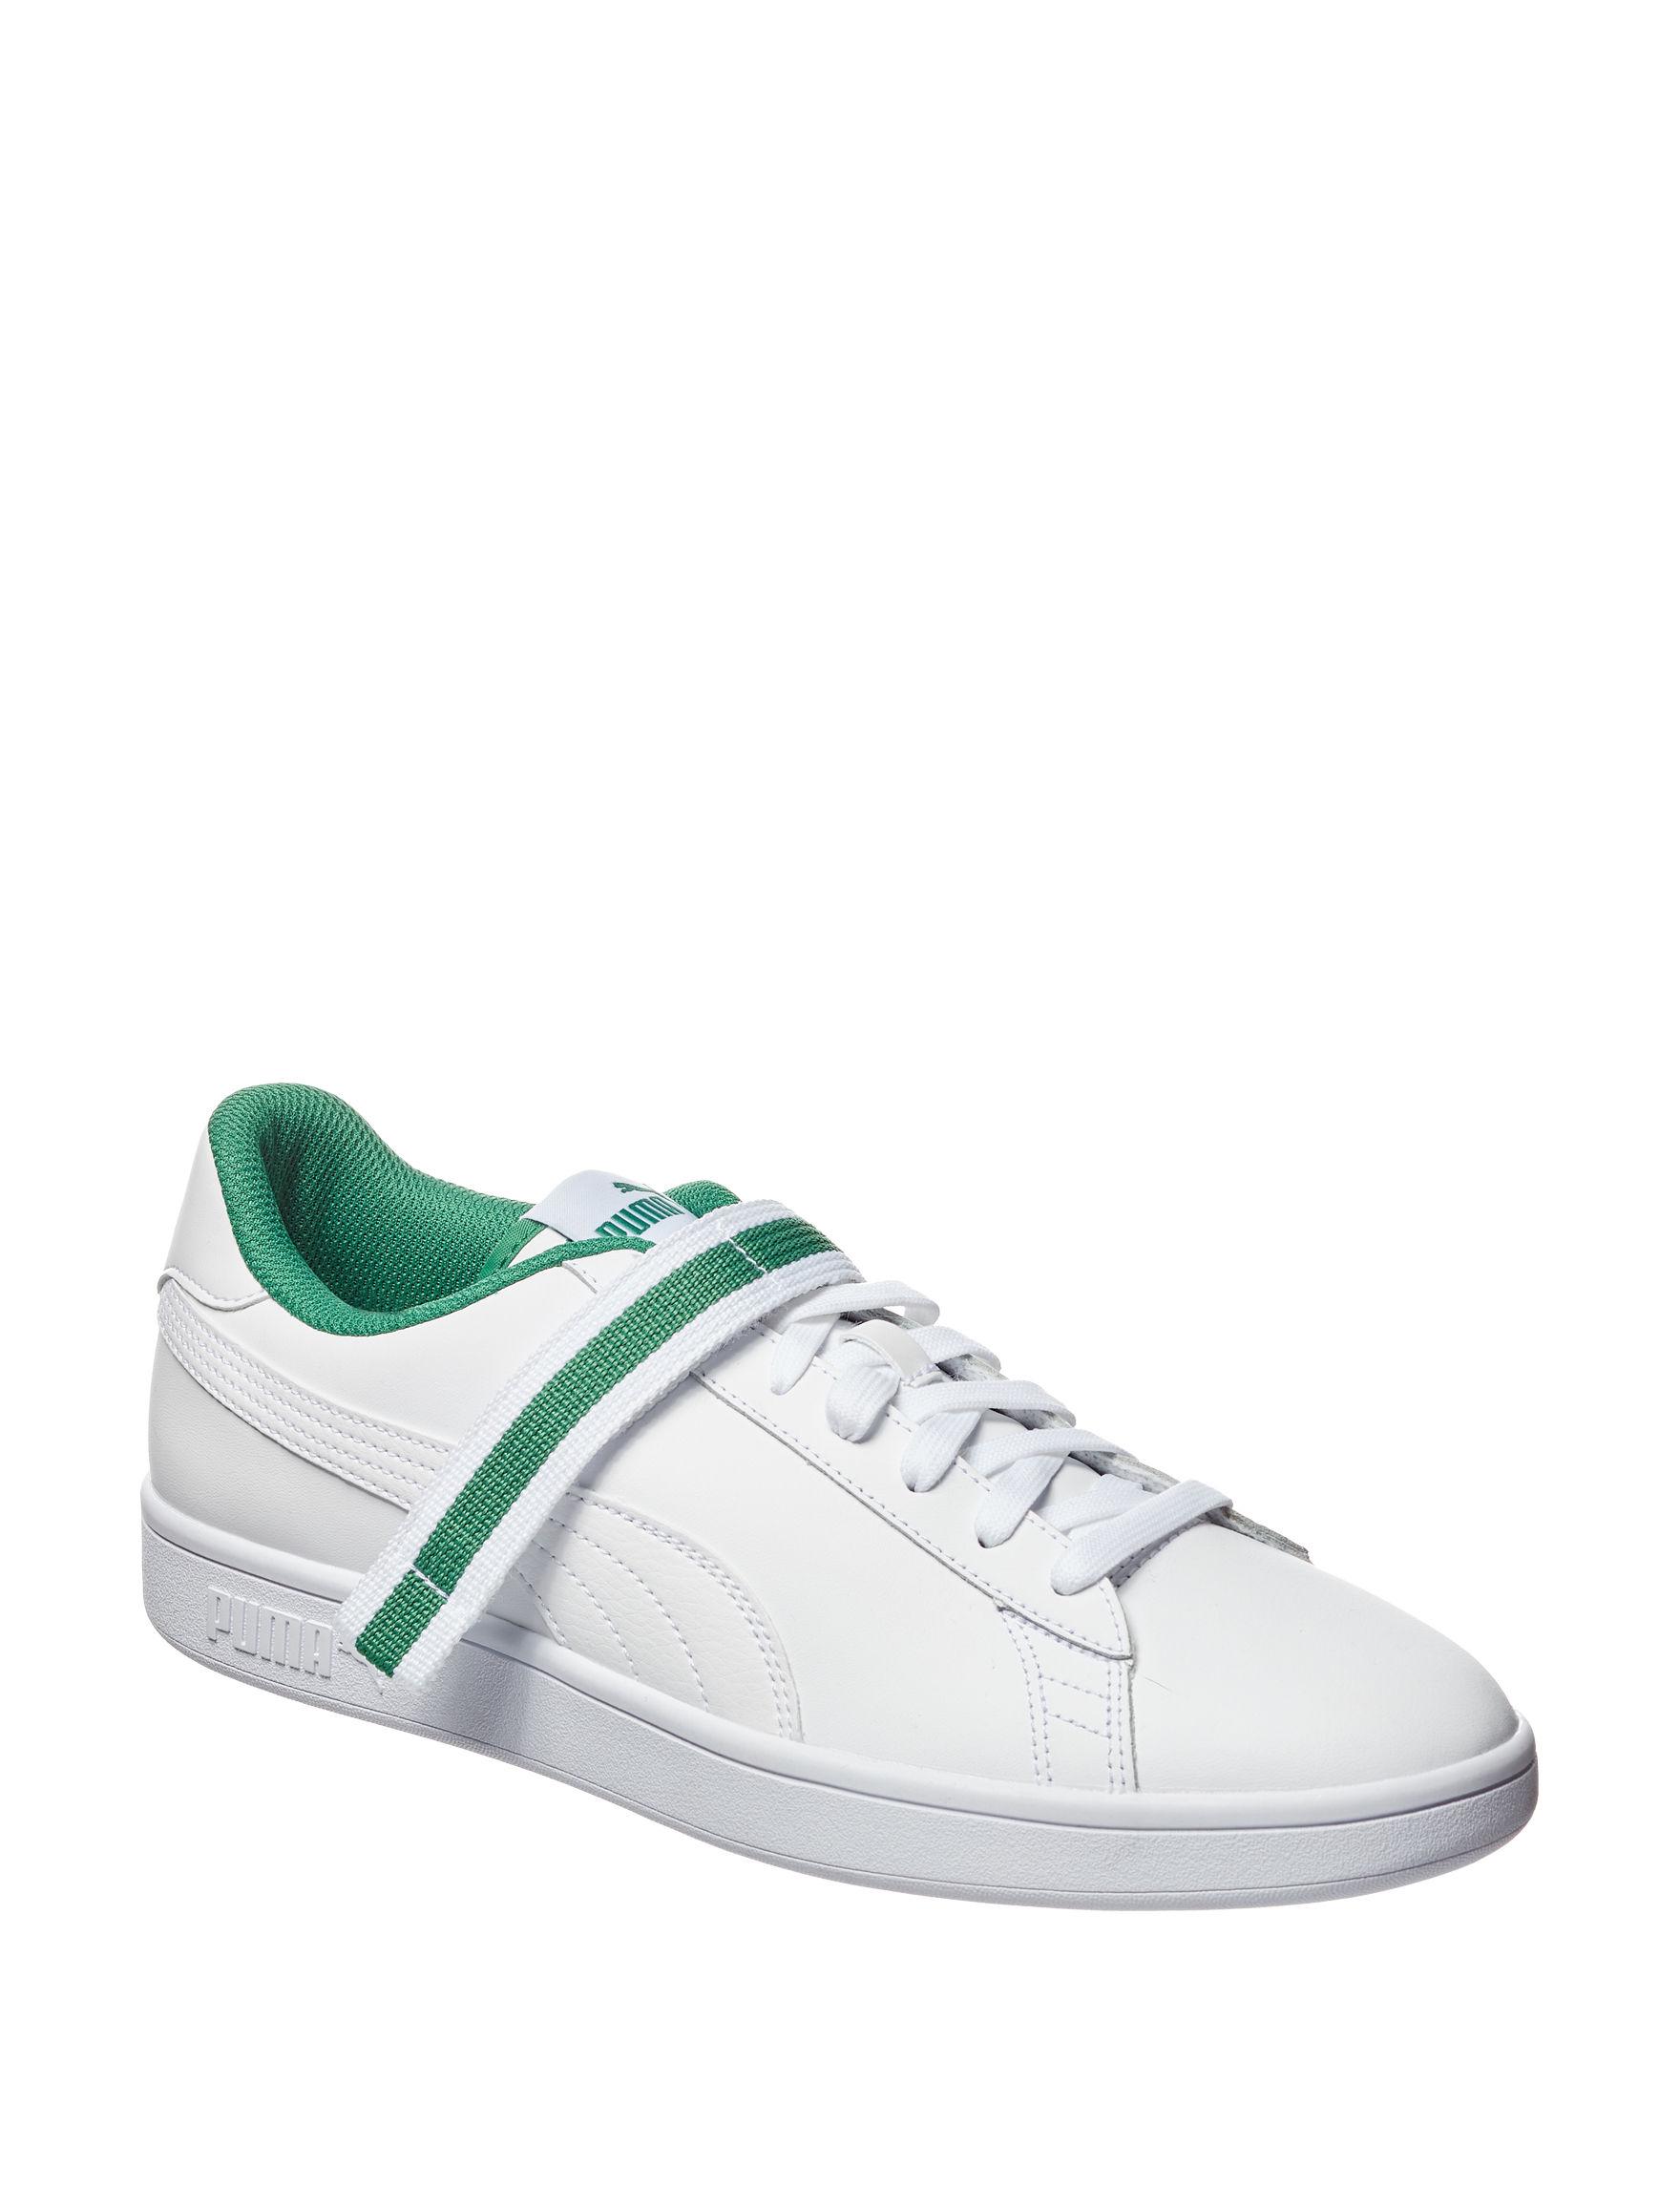 Puma White / Green